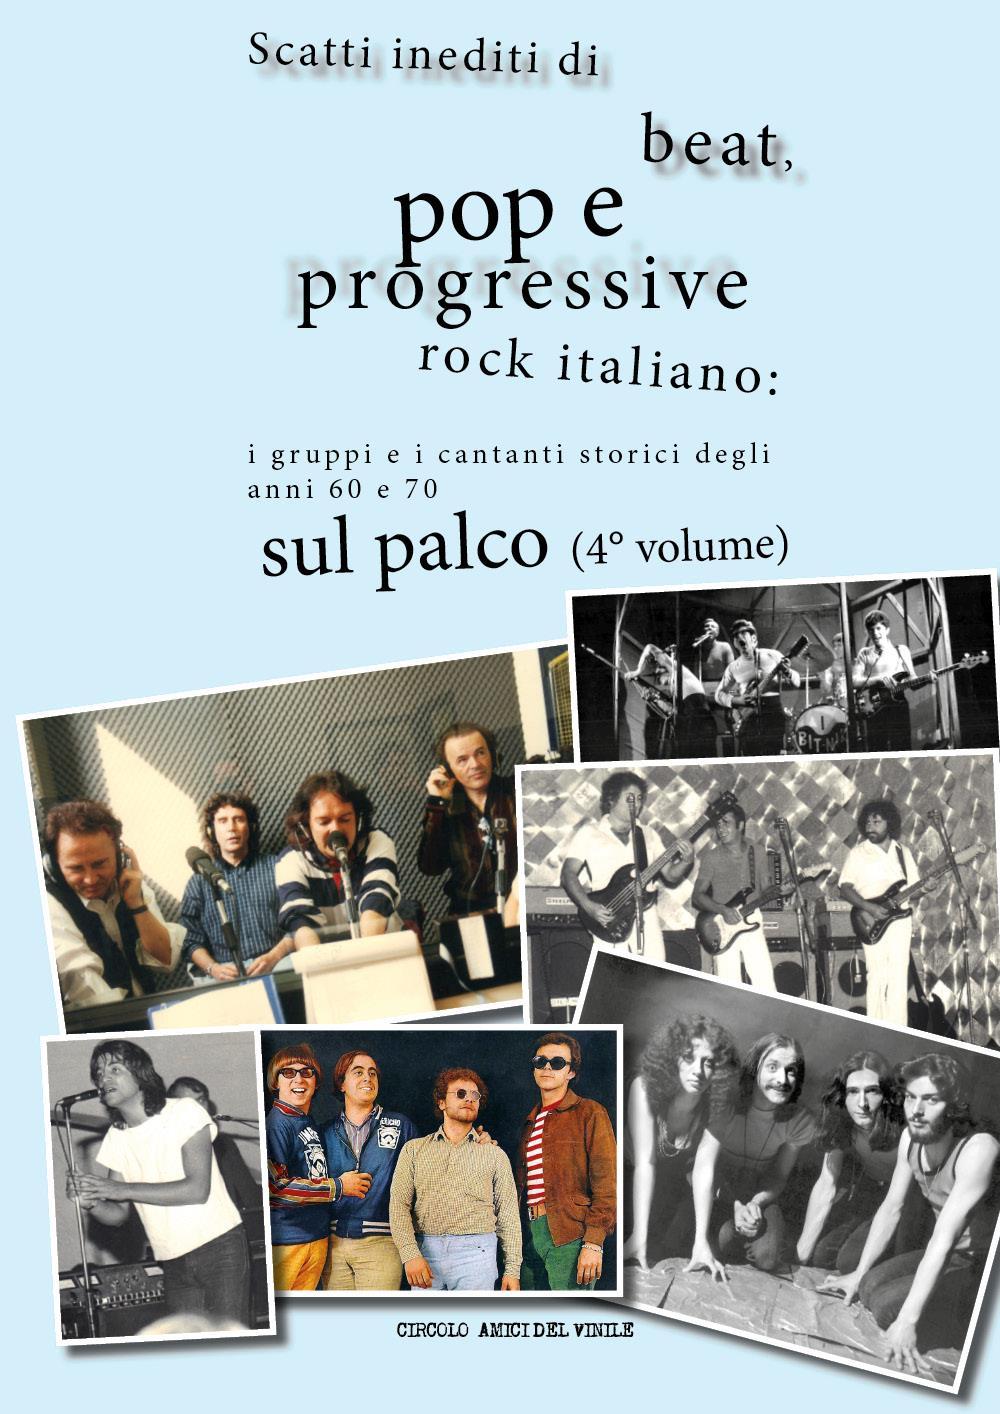 Scatti inediti di beat, pop e progressive rock italiano: i gruppi e i cantanti storici degli anni 60 e 70 sul palco (4° volume)